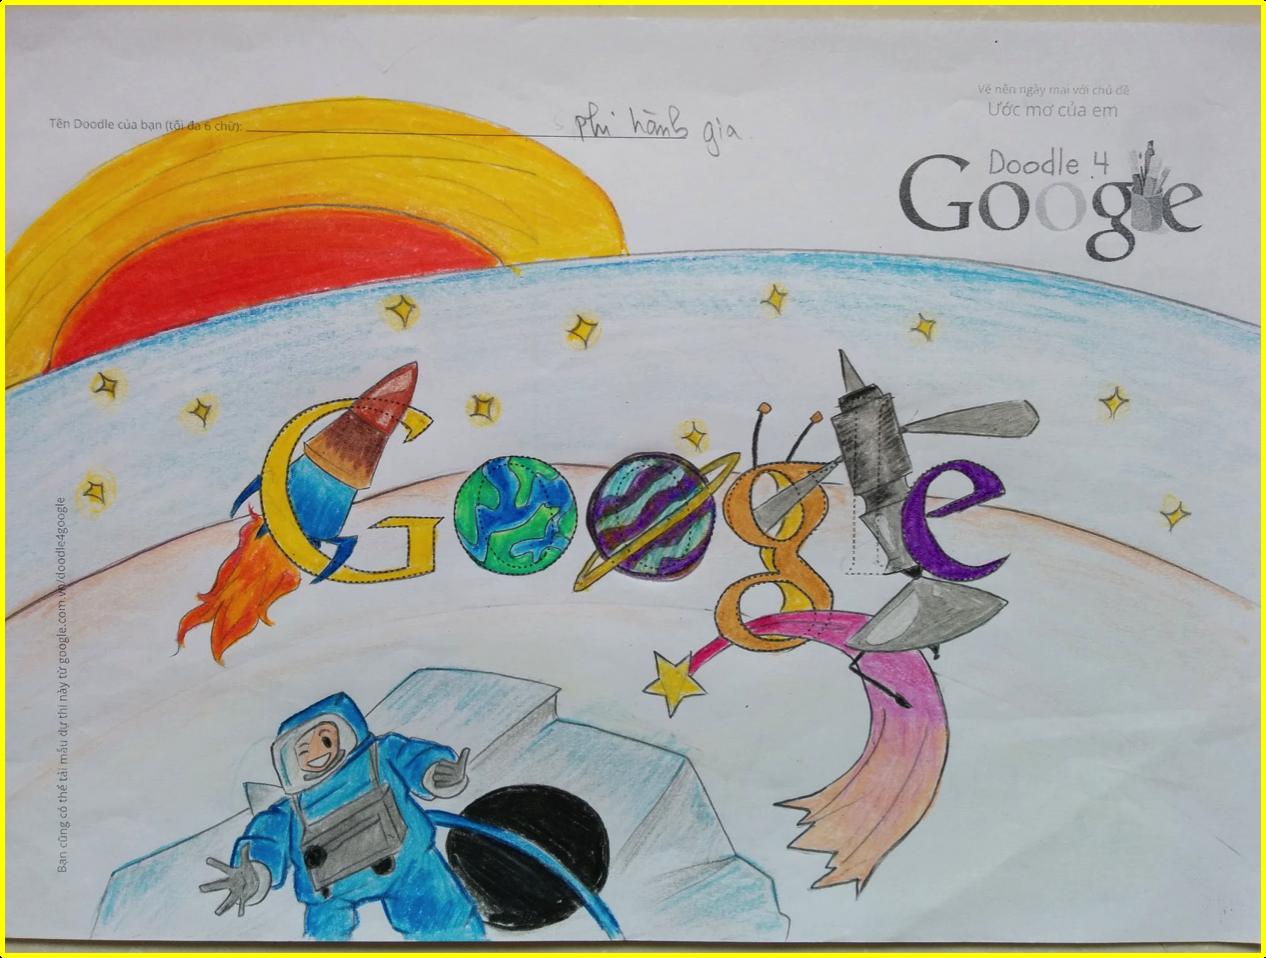 Google sắp trao trang chủ cho trẻ em Việt vào ngày 1/6